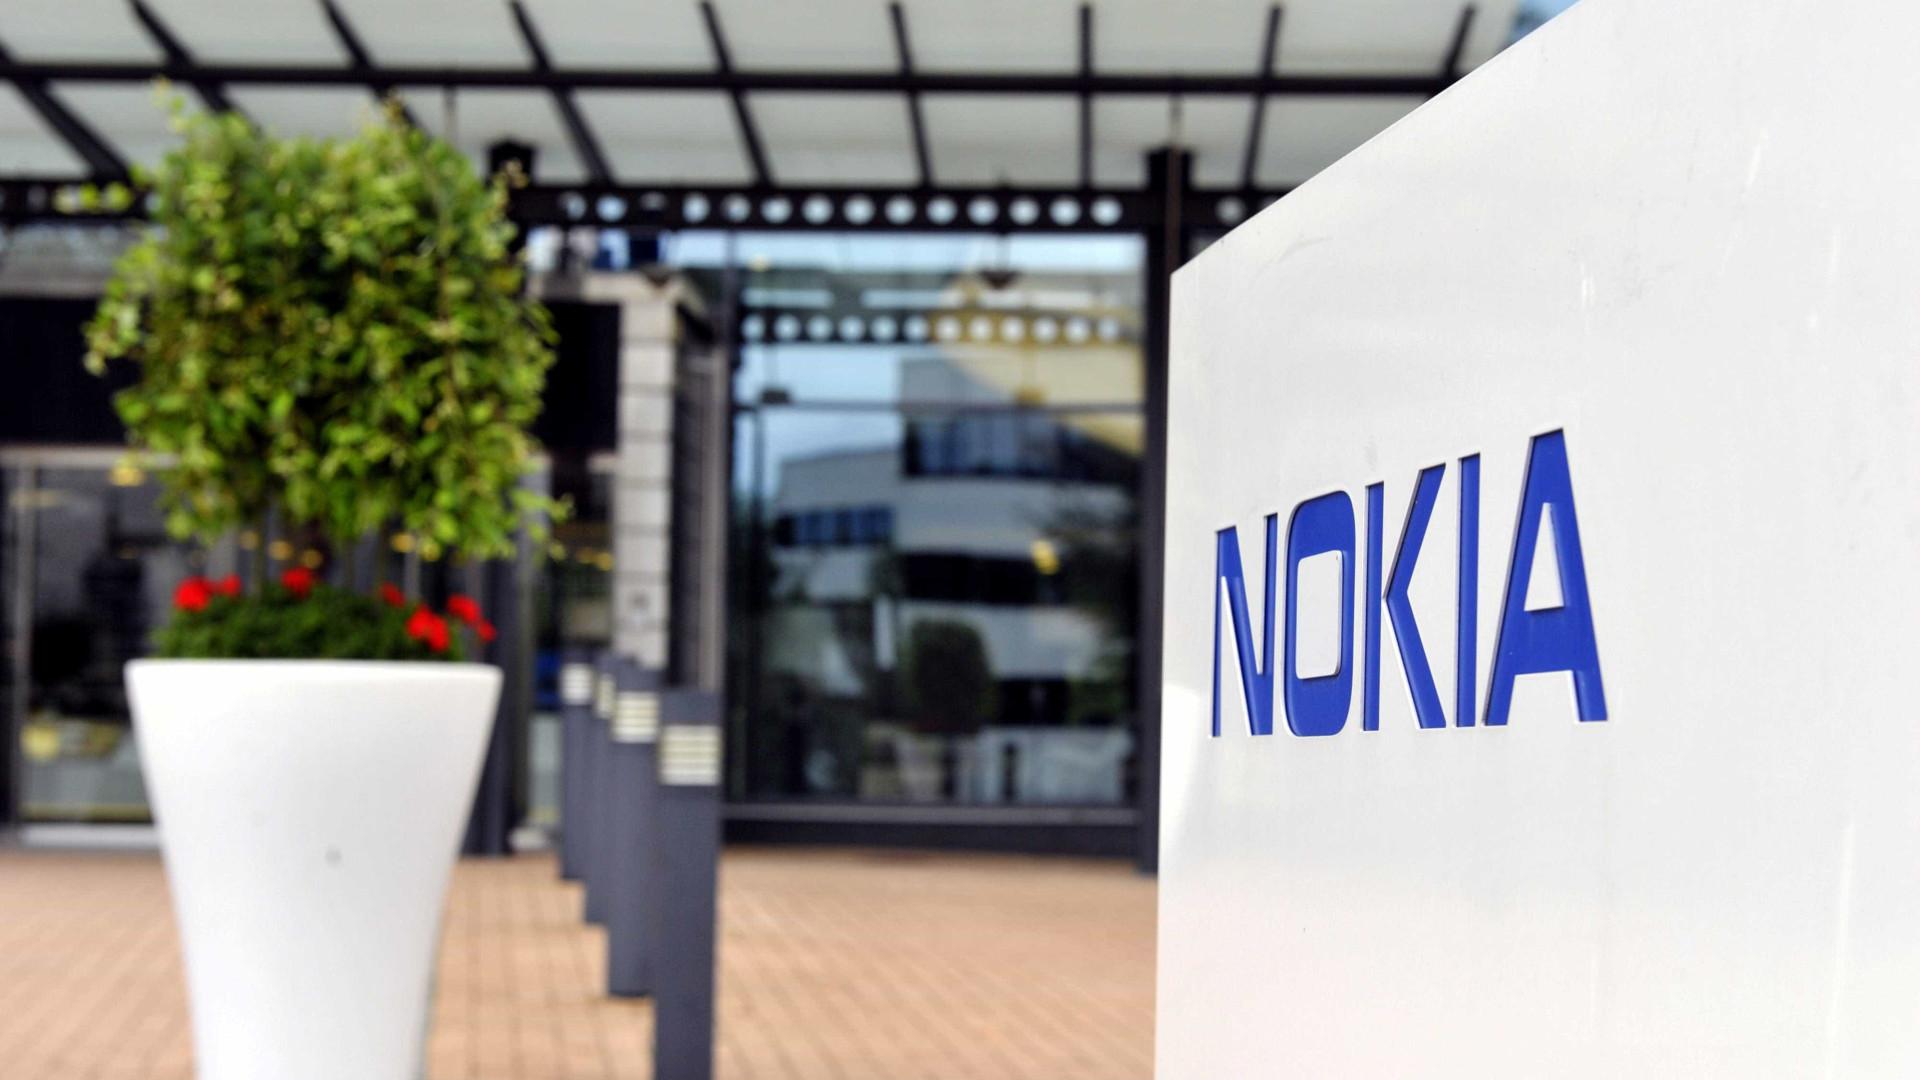 Nokia prepare-se para 'invadir' o mercado